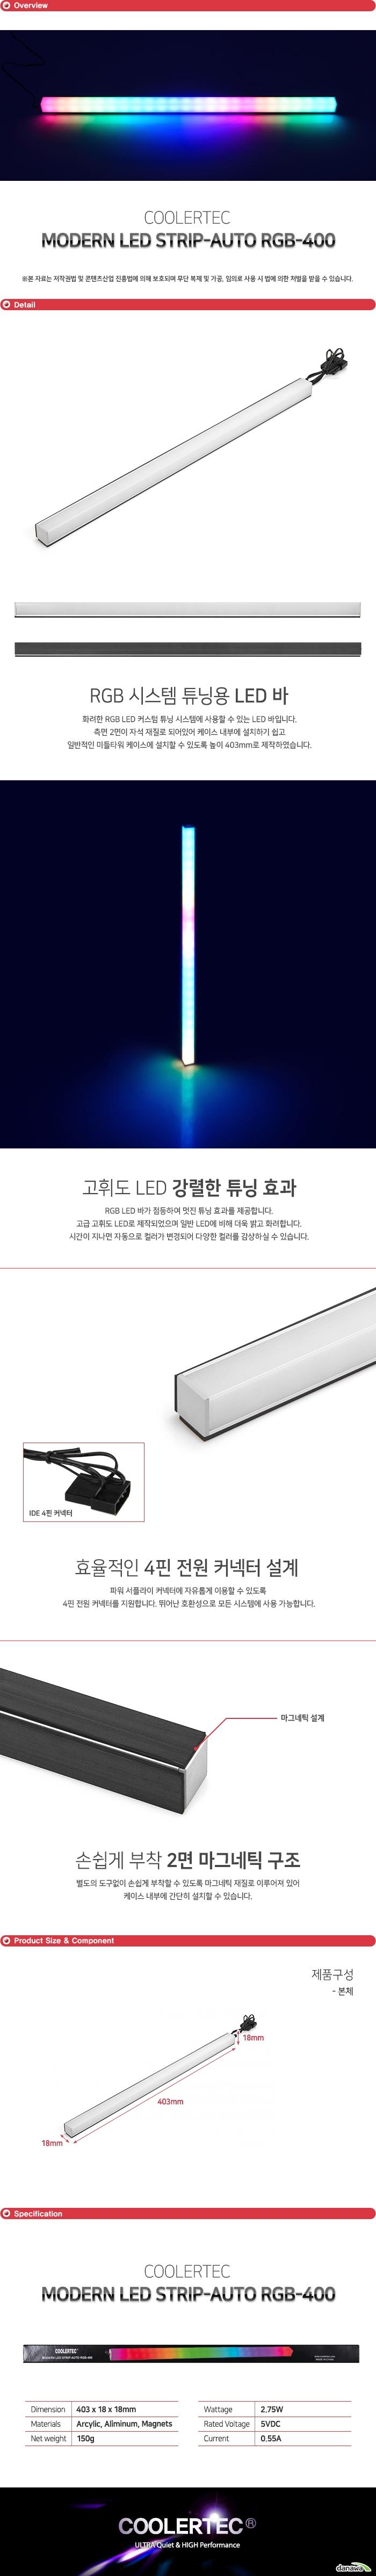 화려한 RGB LED 커스텀 튜닝 시스템에 사용할 수 있는 LED 바입니다. 측면 2면이 자석 재질로 되어있어 케이스 내부에 설치하기 쉽고 일반적인 미들타워 케이스에 설치할 수 있도록 높이 403mm로 제작하였습니다.  RGB LED 바가 점등하여 멋진 튜닝 효과를 제공합니다. 고급 고휘도 LED로 제작되었으며 일반 LED에 비해 더욱 밝고 화려합니다. 시간이 지나면 자동으로 컬러가 변경되어 다양한 컬러를 감상하실 수 있습니다.   파워 서플라이 커넥터에 자유롭게 이용할 수 있도록  4핀 전원 커넥터를 지원합니다. 뛰어난 호환성으로 모든 시스템에 사용 가능합니다.   별도의 도구없이 손쉽게 부착할 수 있도록 마그네틱 재질로 이루어져 있어 케이스 내부에 간단히 설치할 수 있습니다.